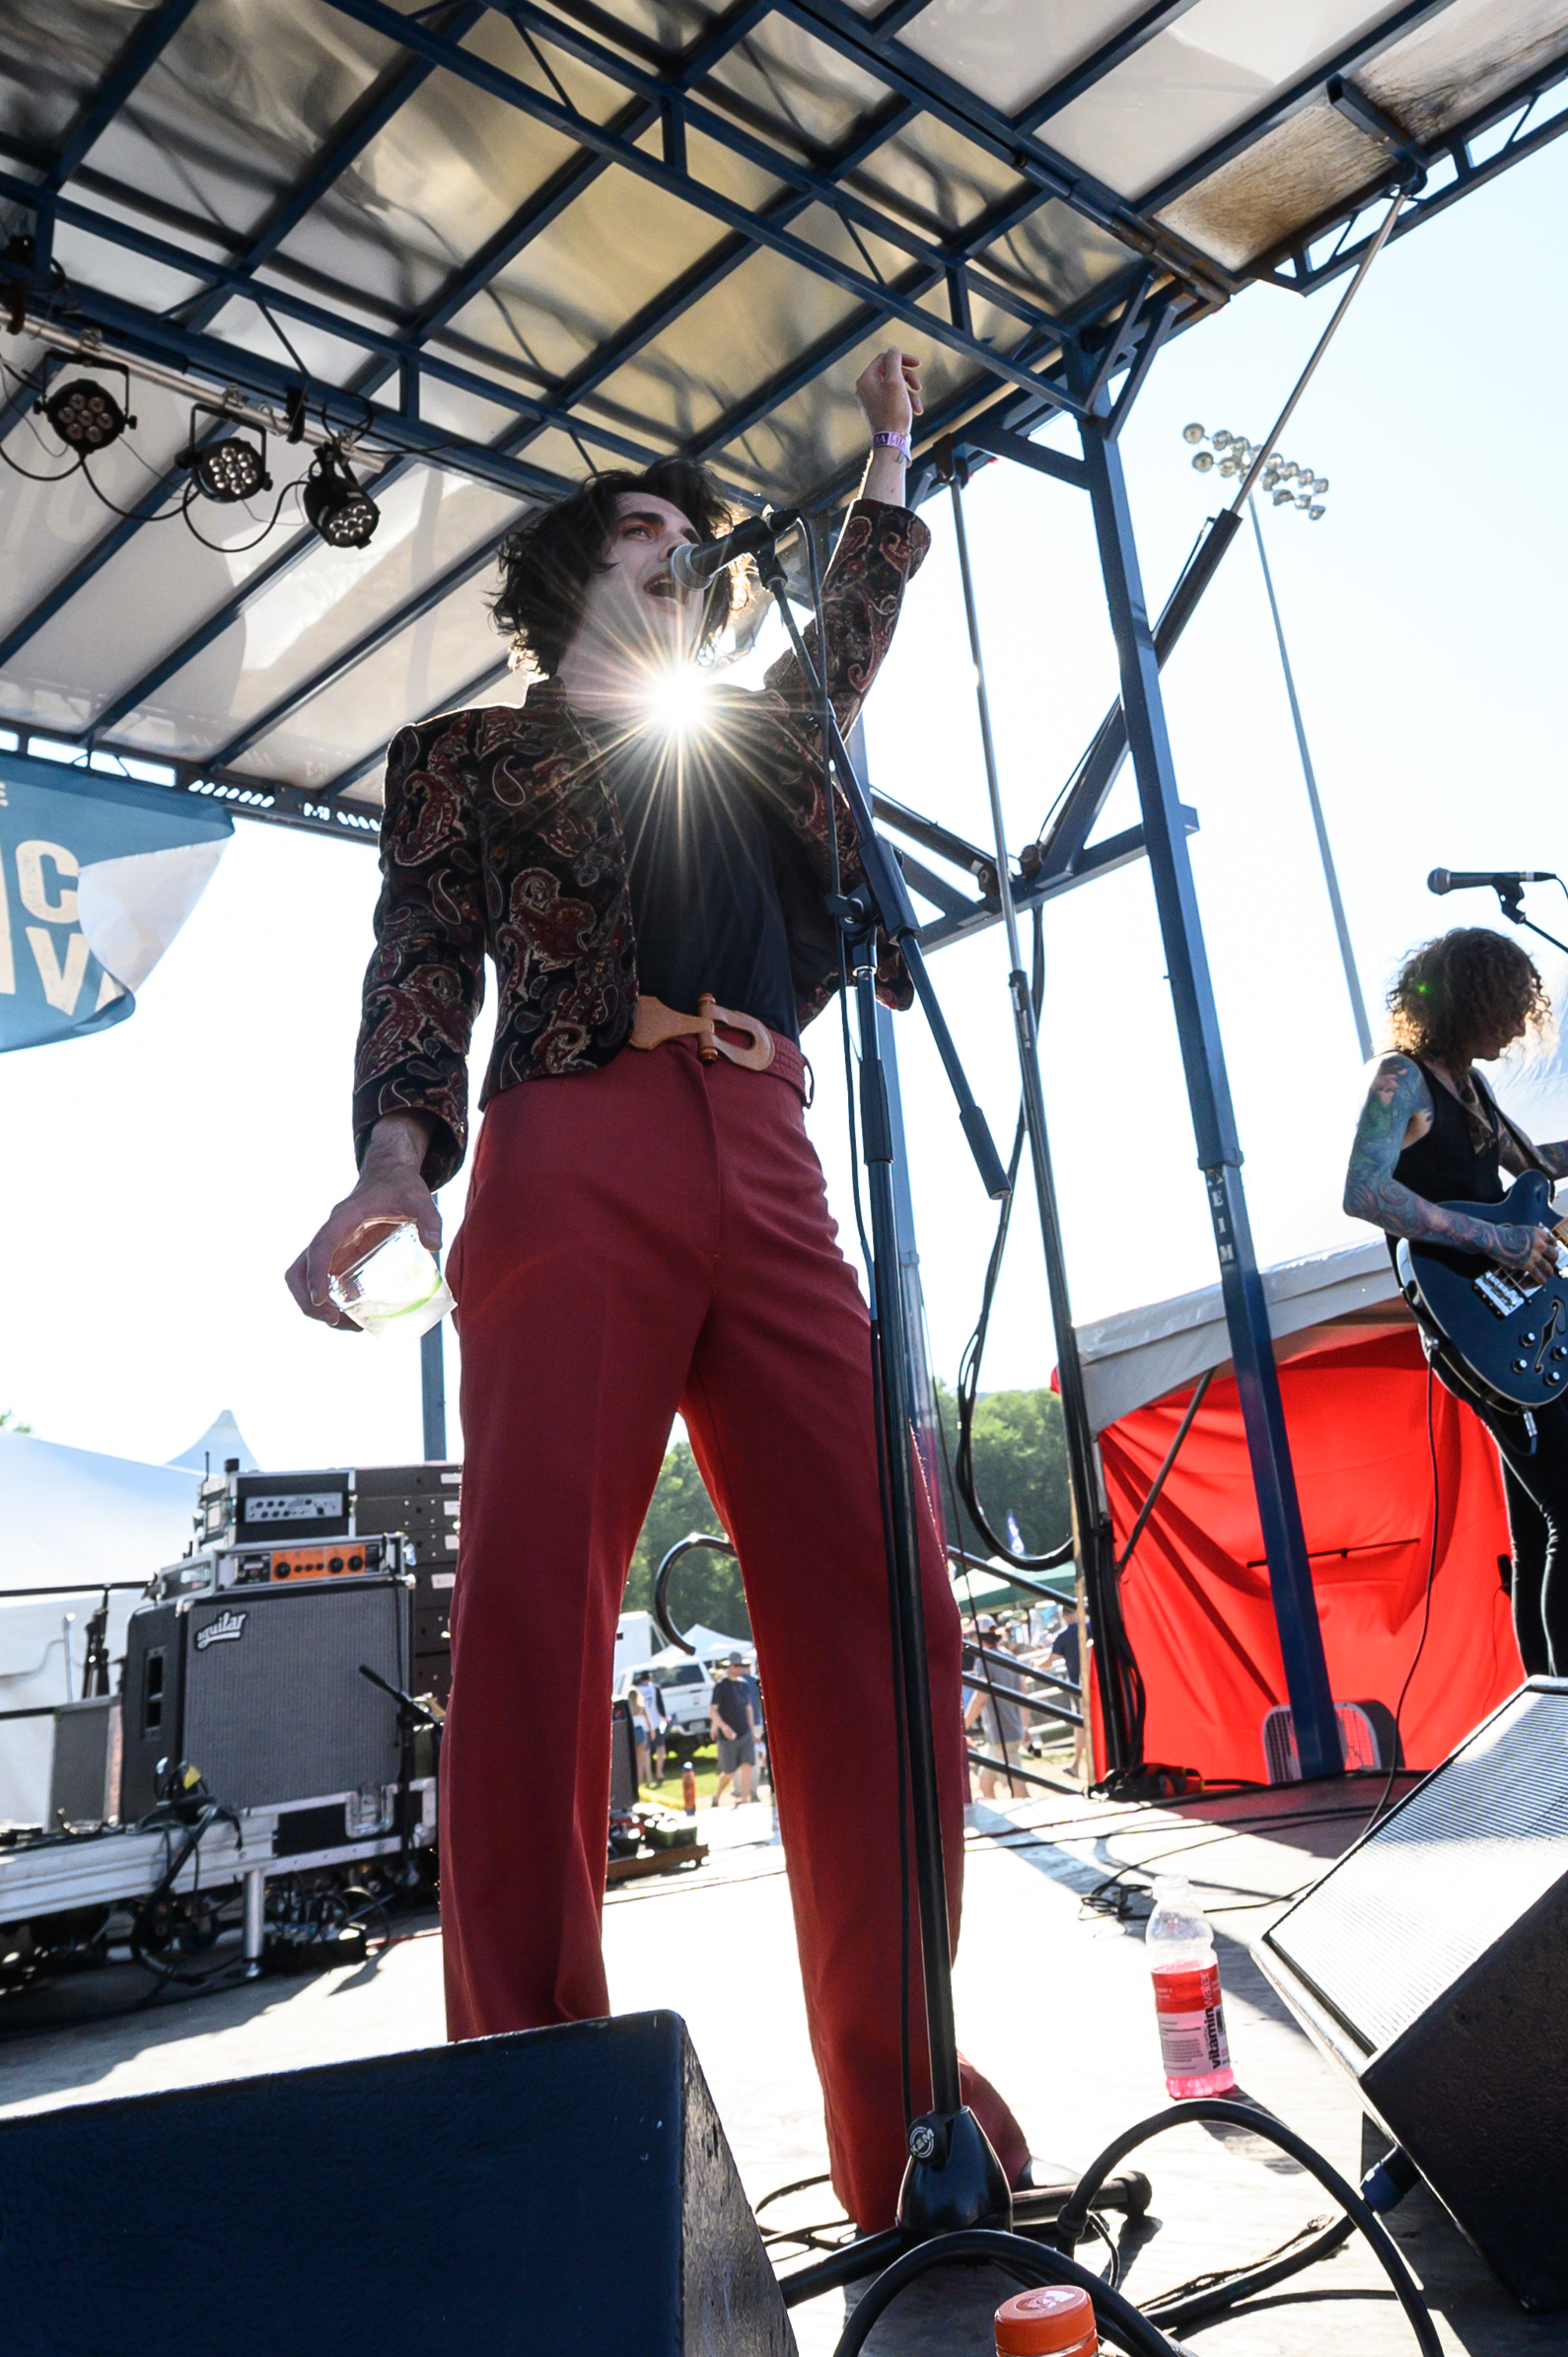 Glam rocker Micky James finding the spotlight © 2019 Lynda Shenkman